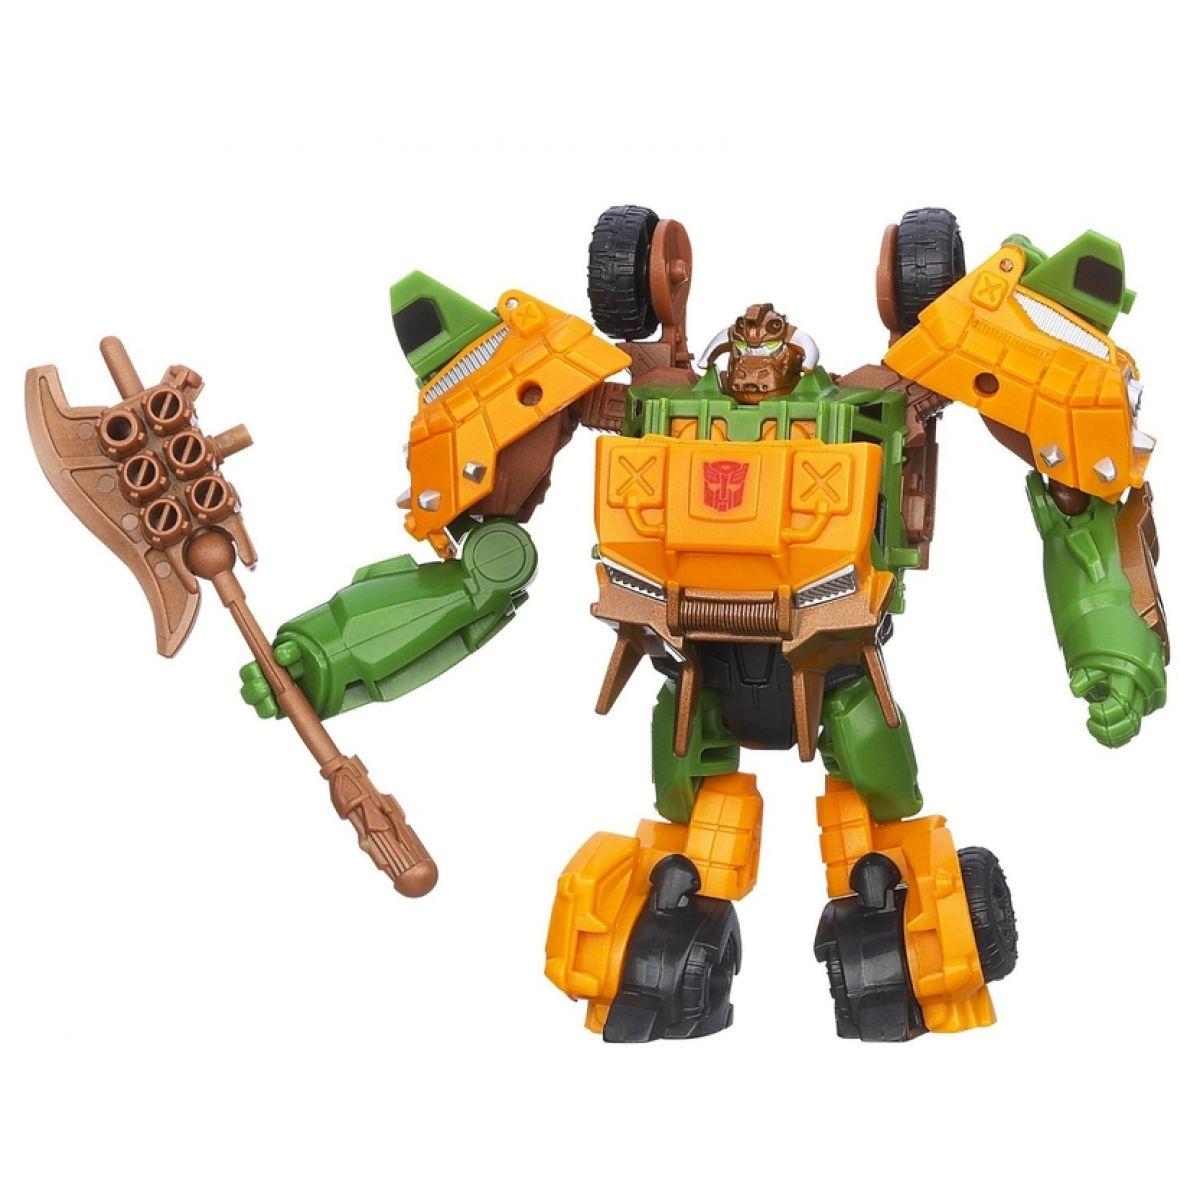 Transformers Lovci příšer s akčními doplňky Hasbro - Bulkhead